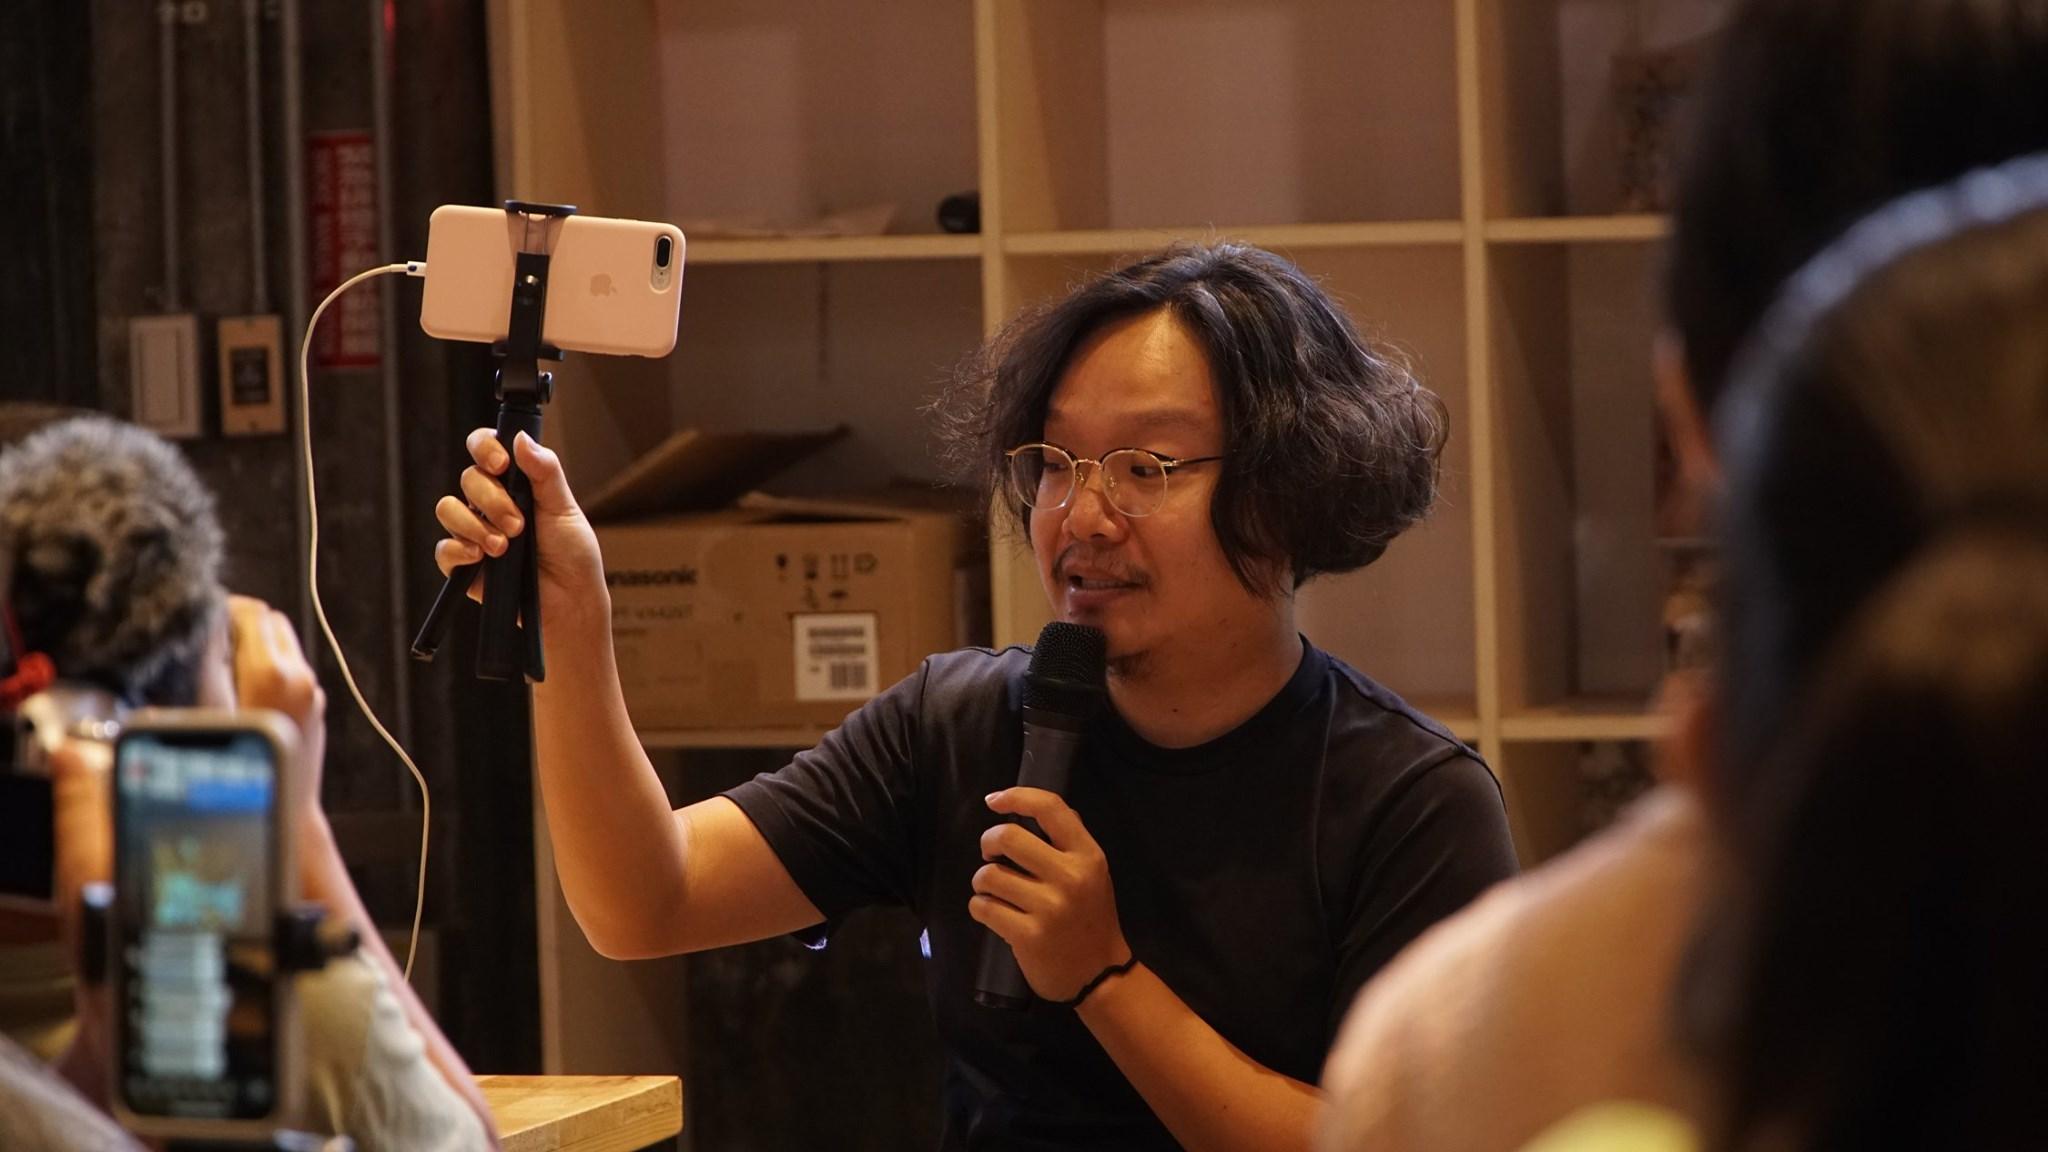 「影像興樂園」陪伴導演工作